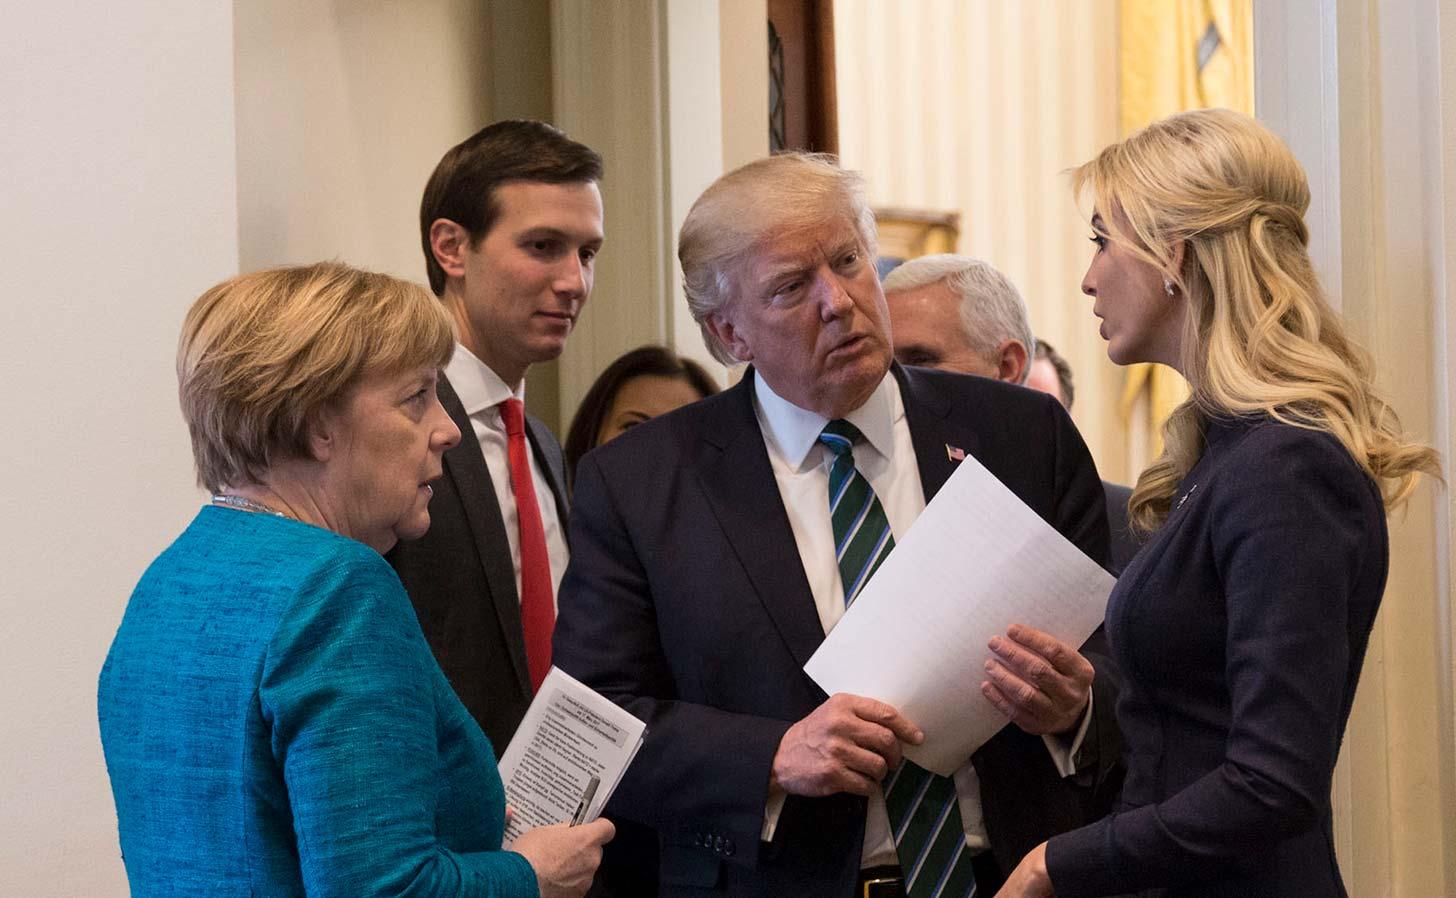 Donald Trump med familj träffar Tysklands förbundskansler Angela Merkel i Vita huset. Foto: Vita huset (public domain)